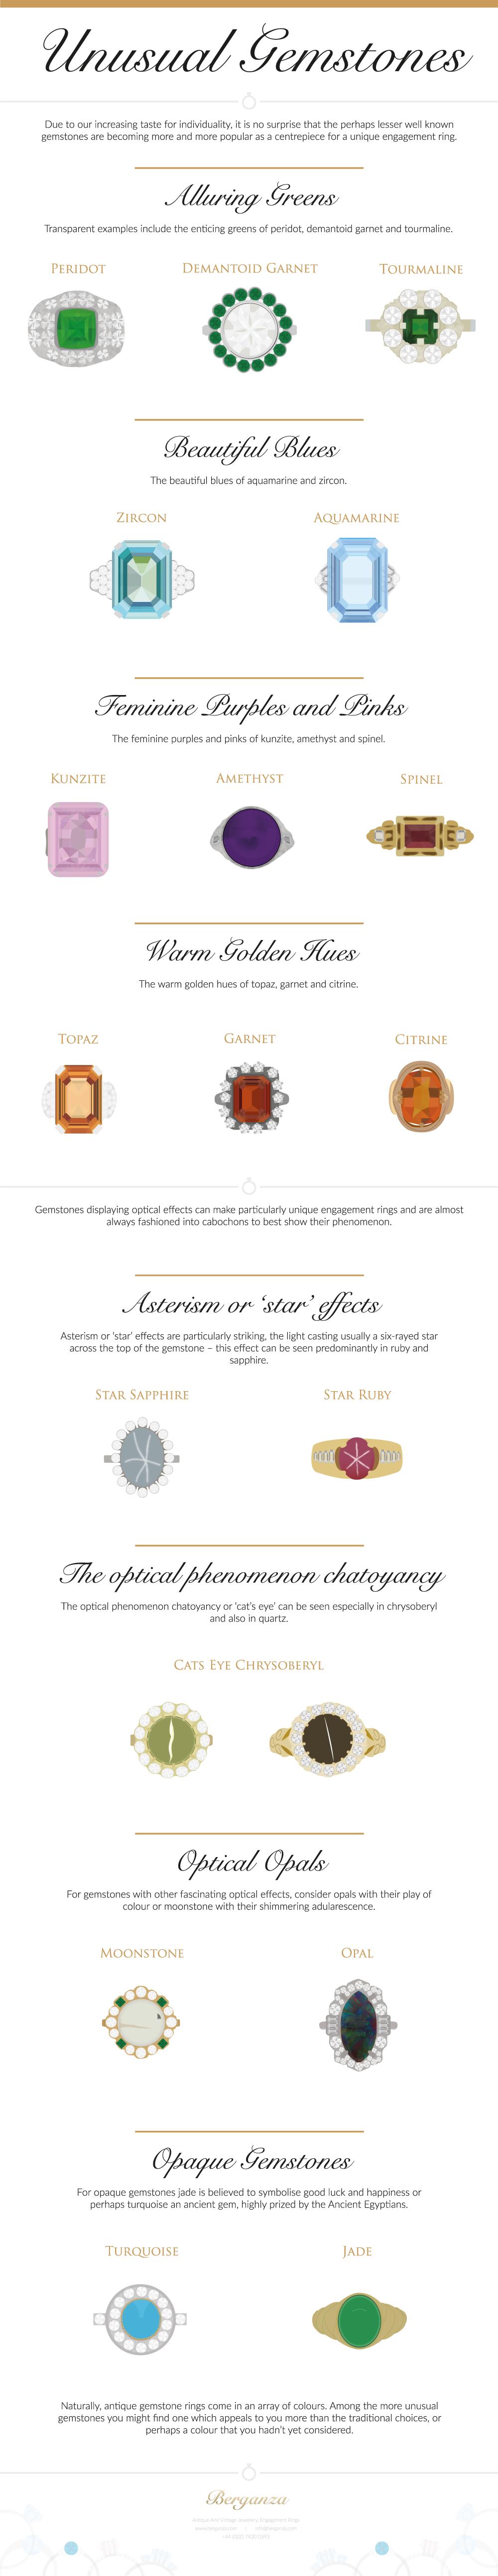 Berganza – Unusual Gemstones